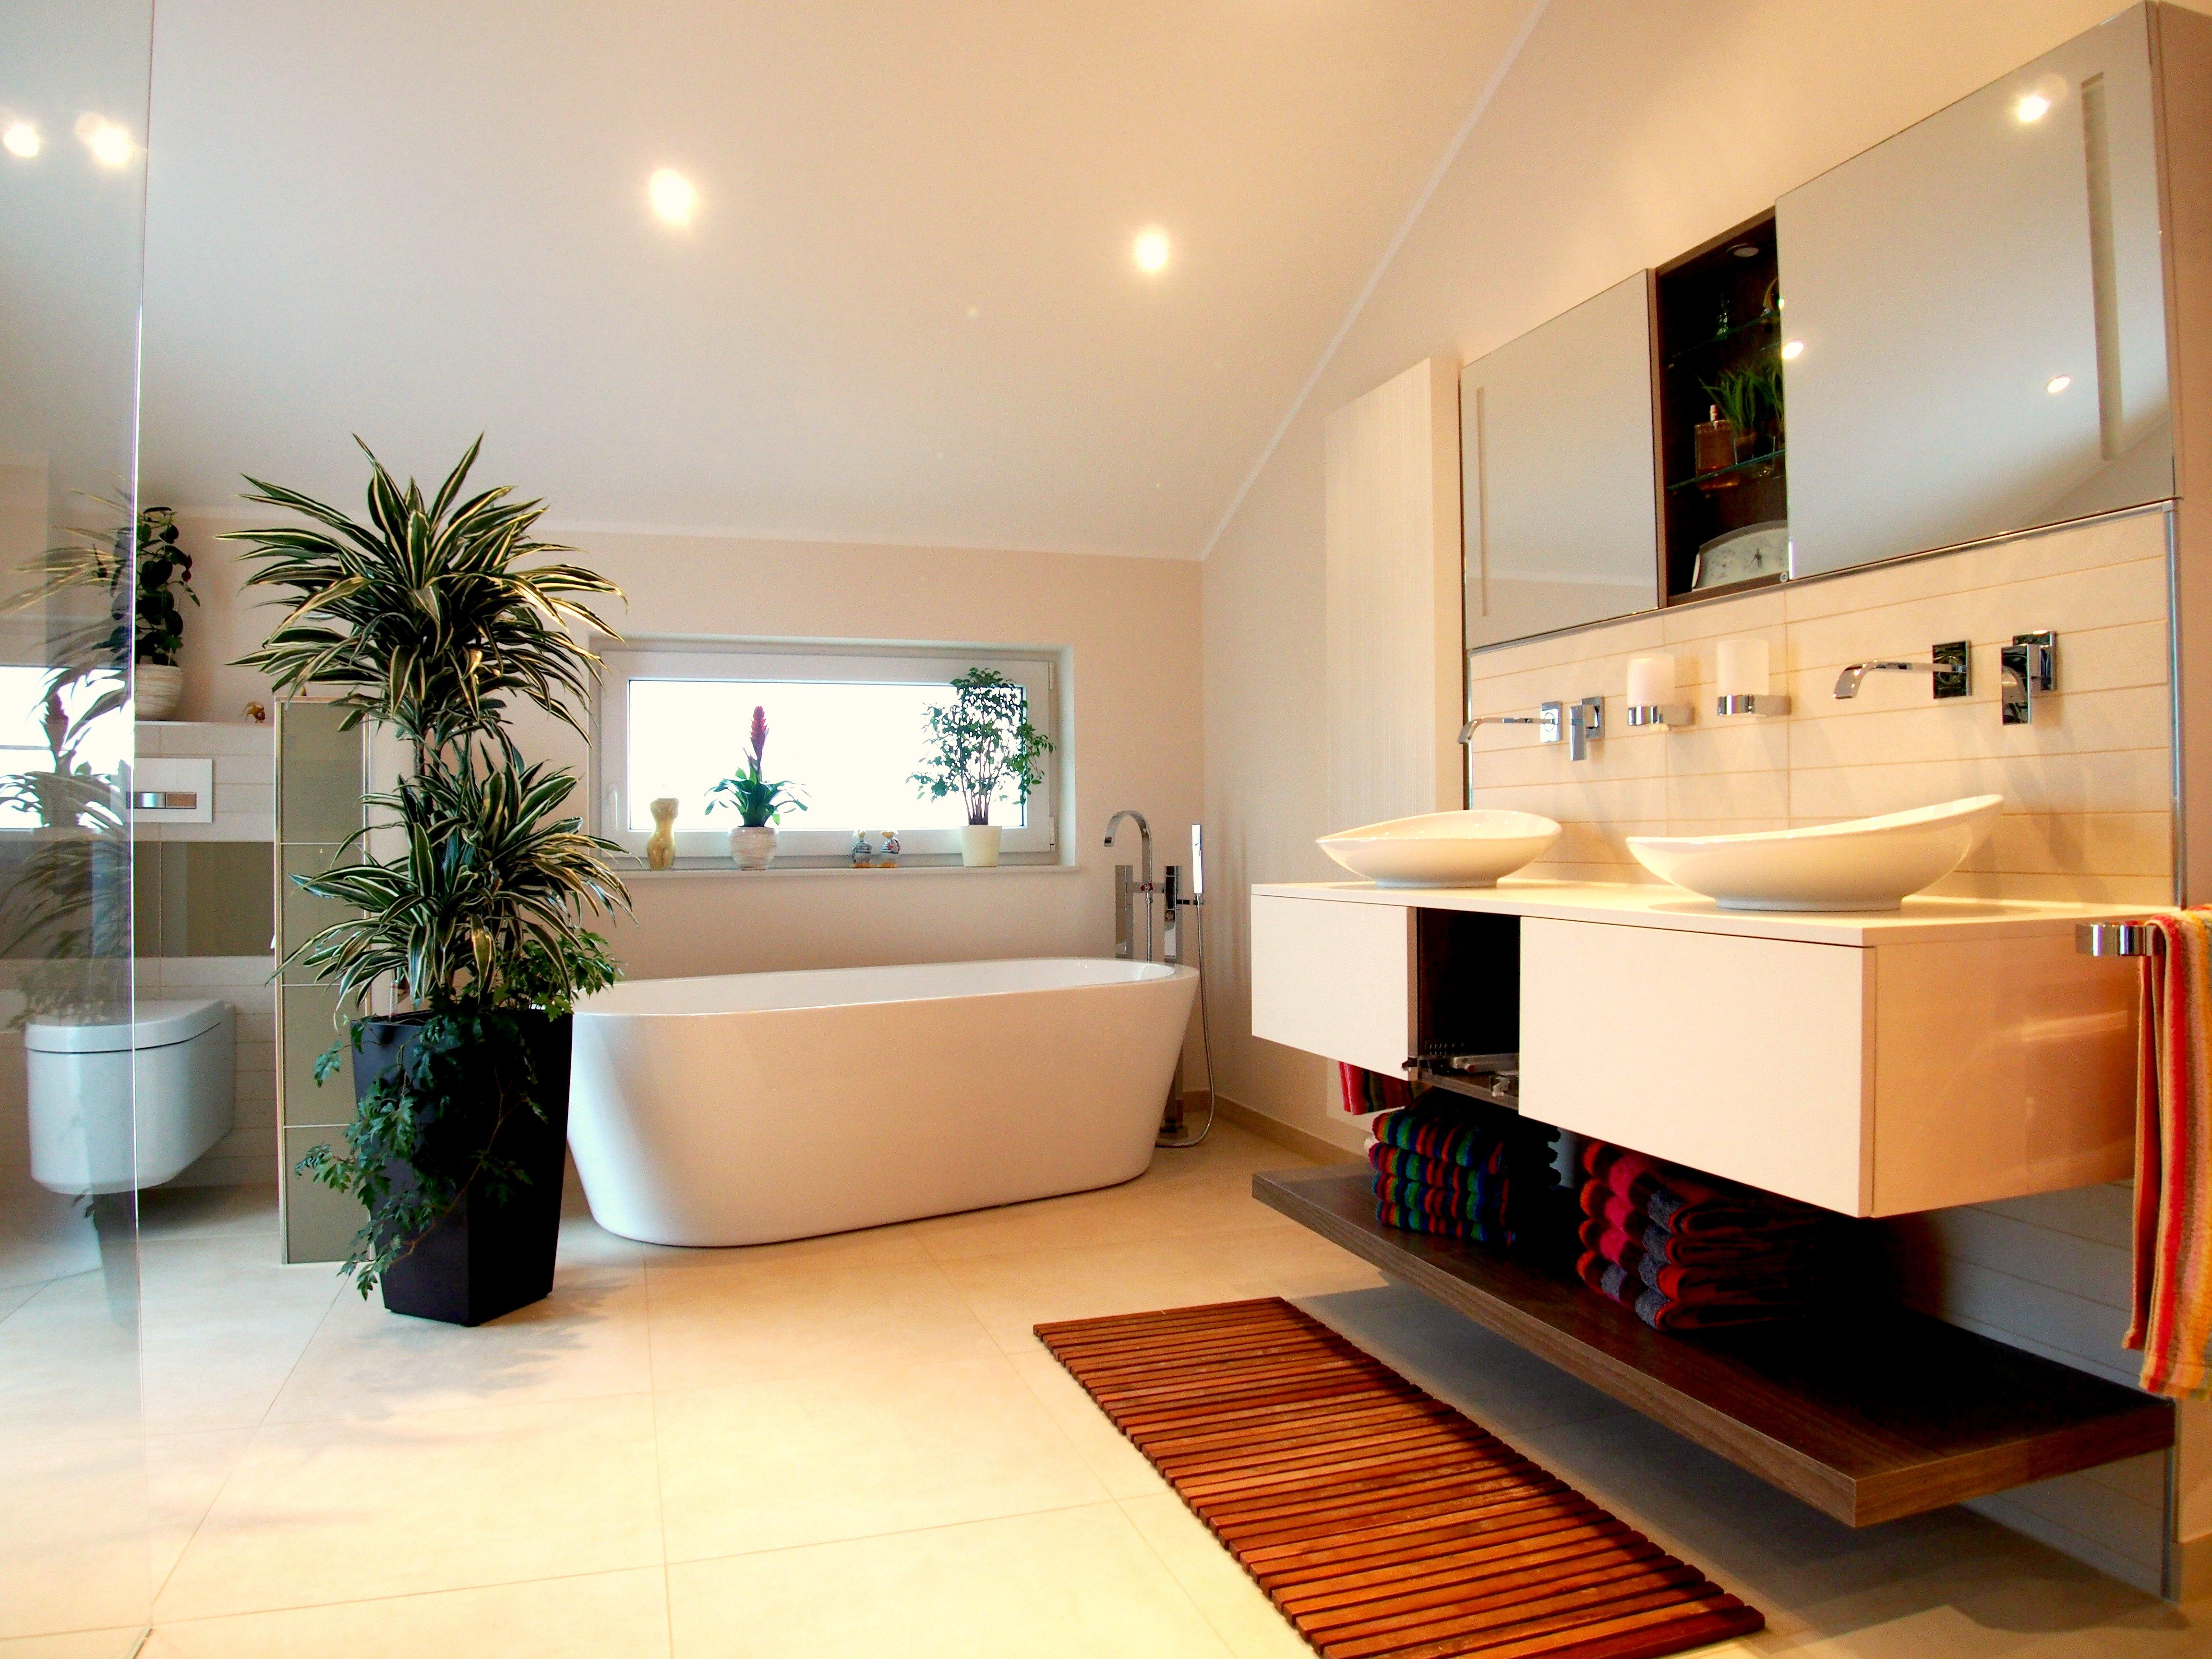 Badezimmer Einrichtung • Bilder & Ideen • COUCH